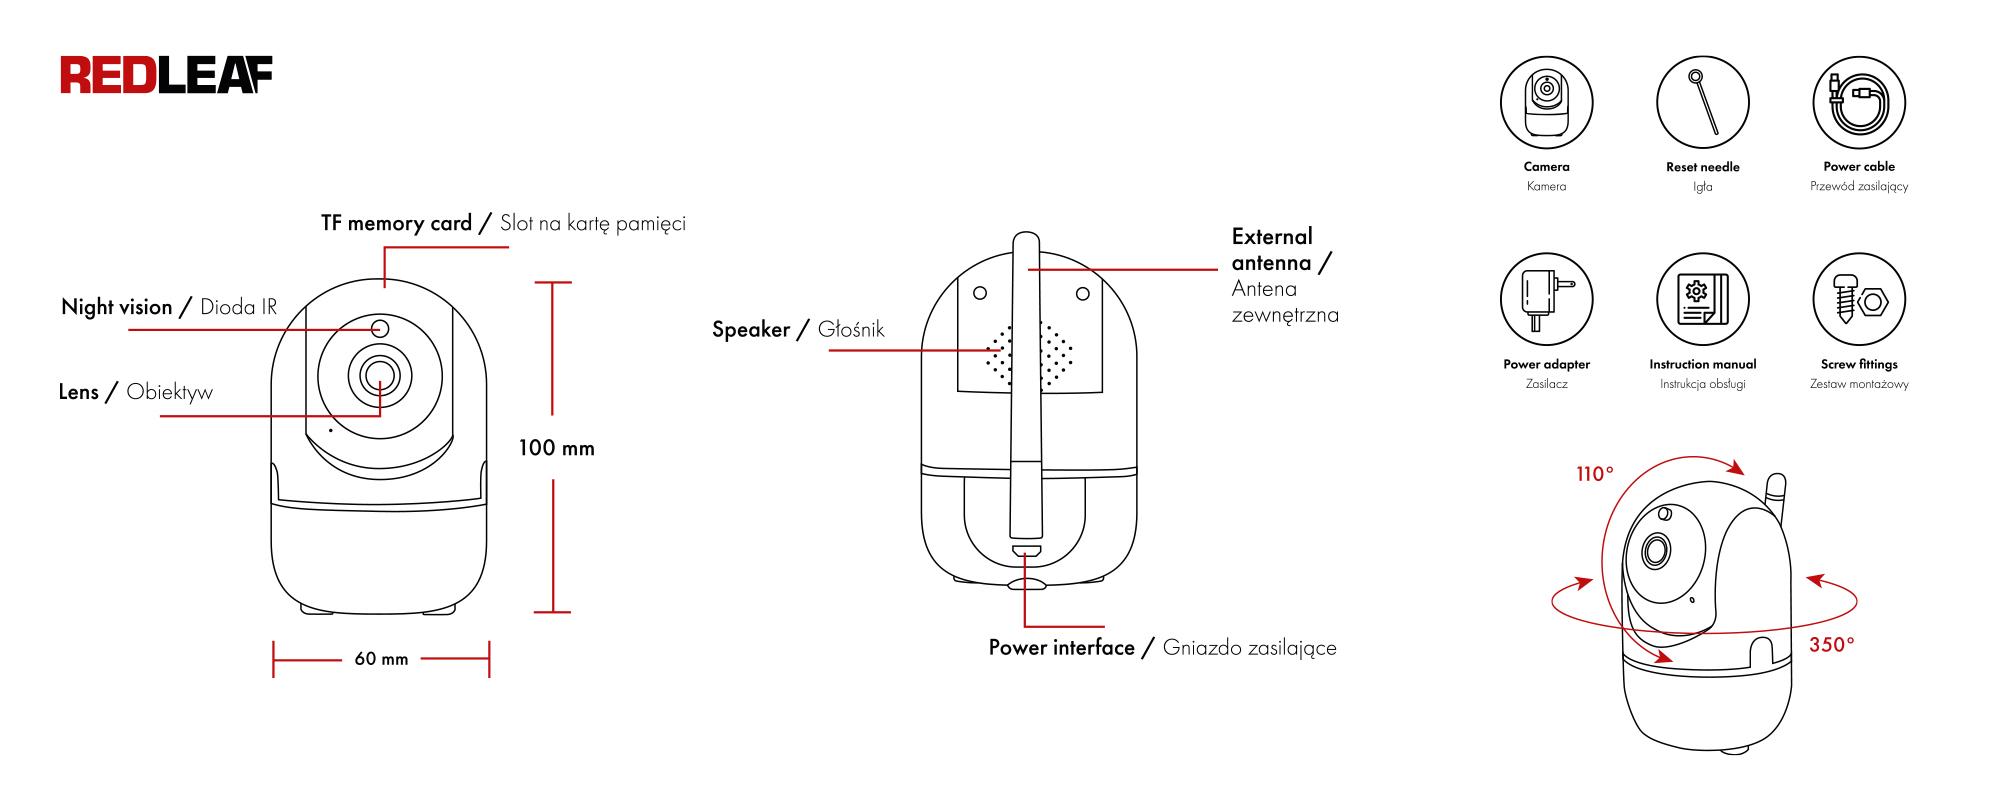 Kamera WiFi do monitoringu domu Redleaf IP Home Cam 100 opis urządzenia i zawartość zestawu